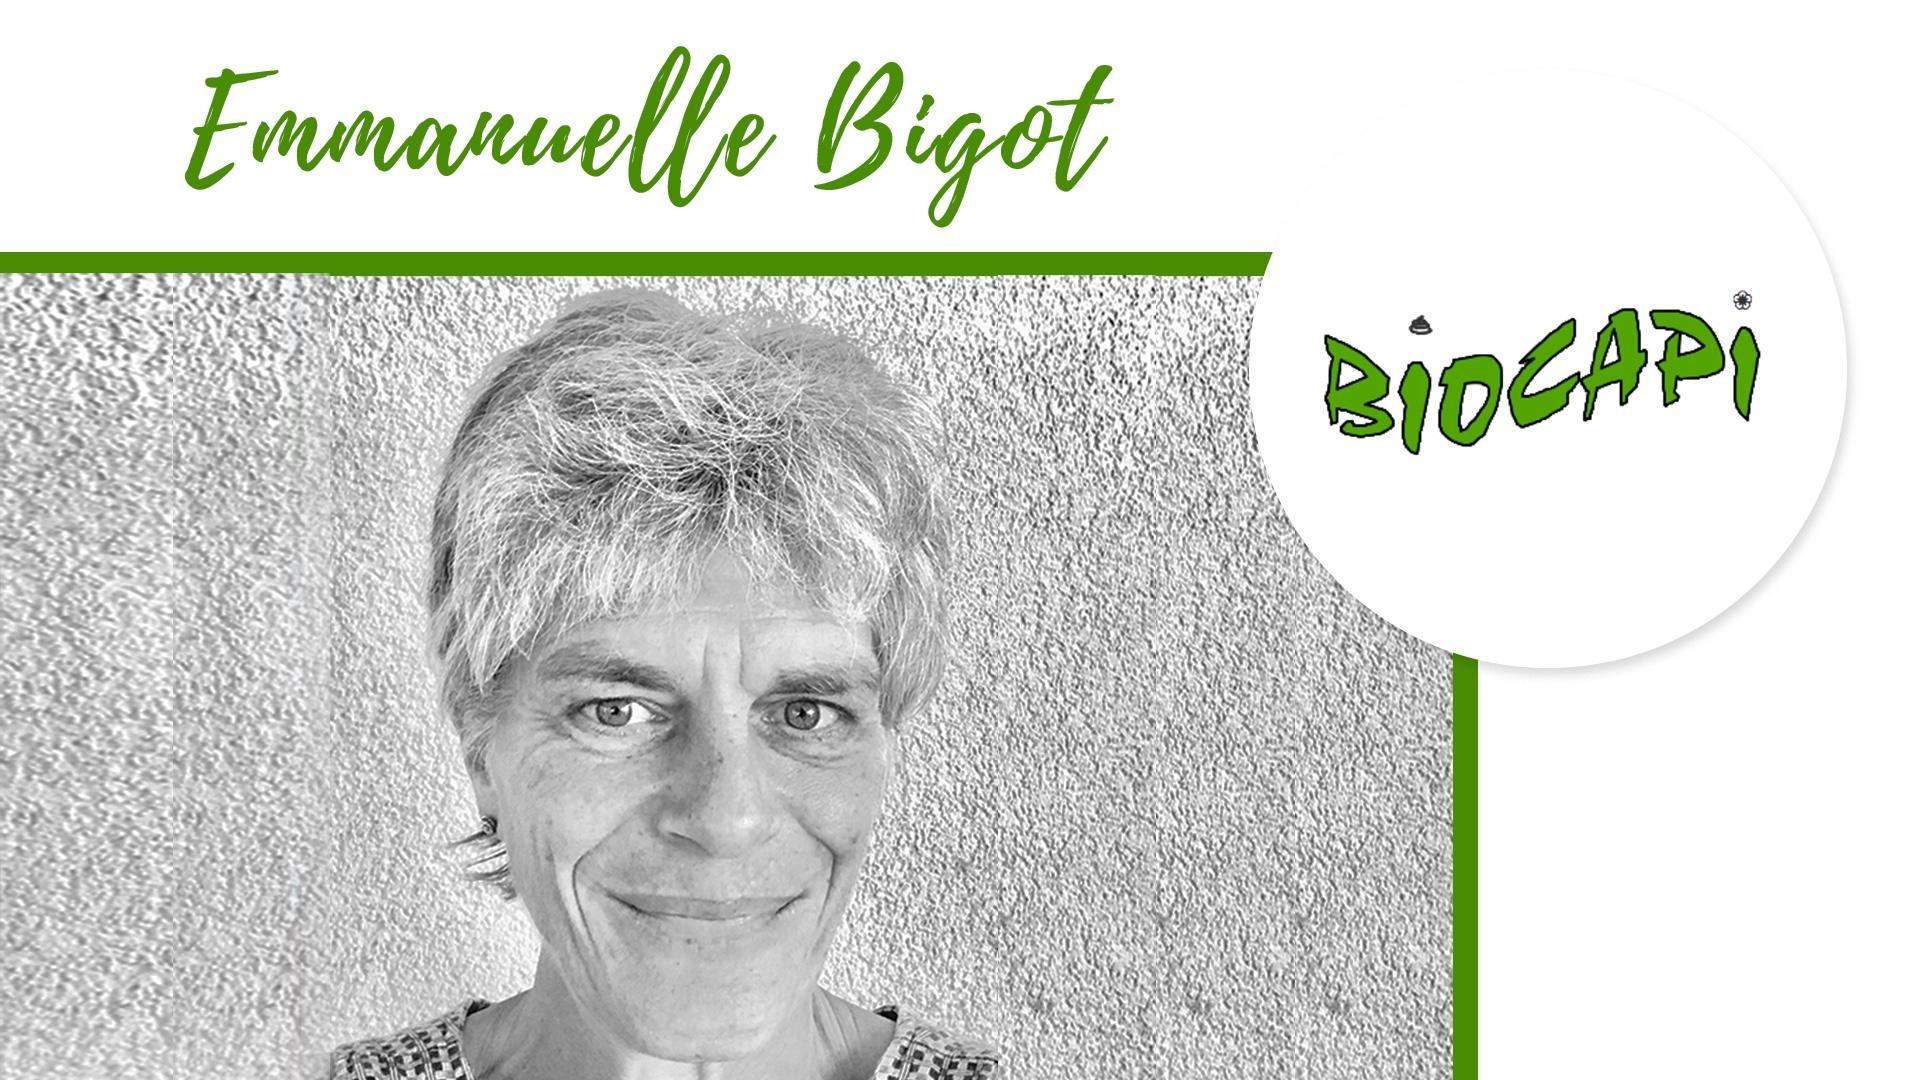 Emmanuelle Bigot - Let it Be